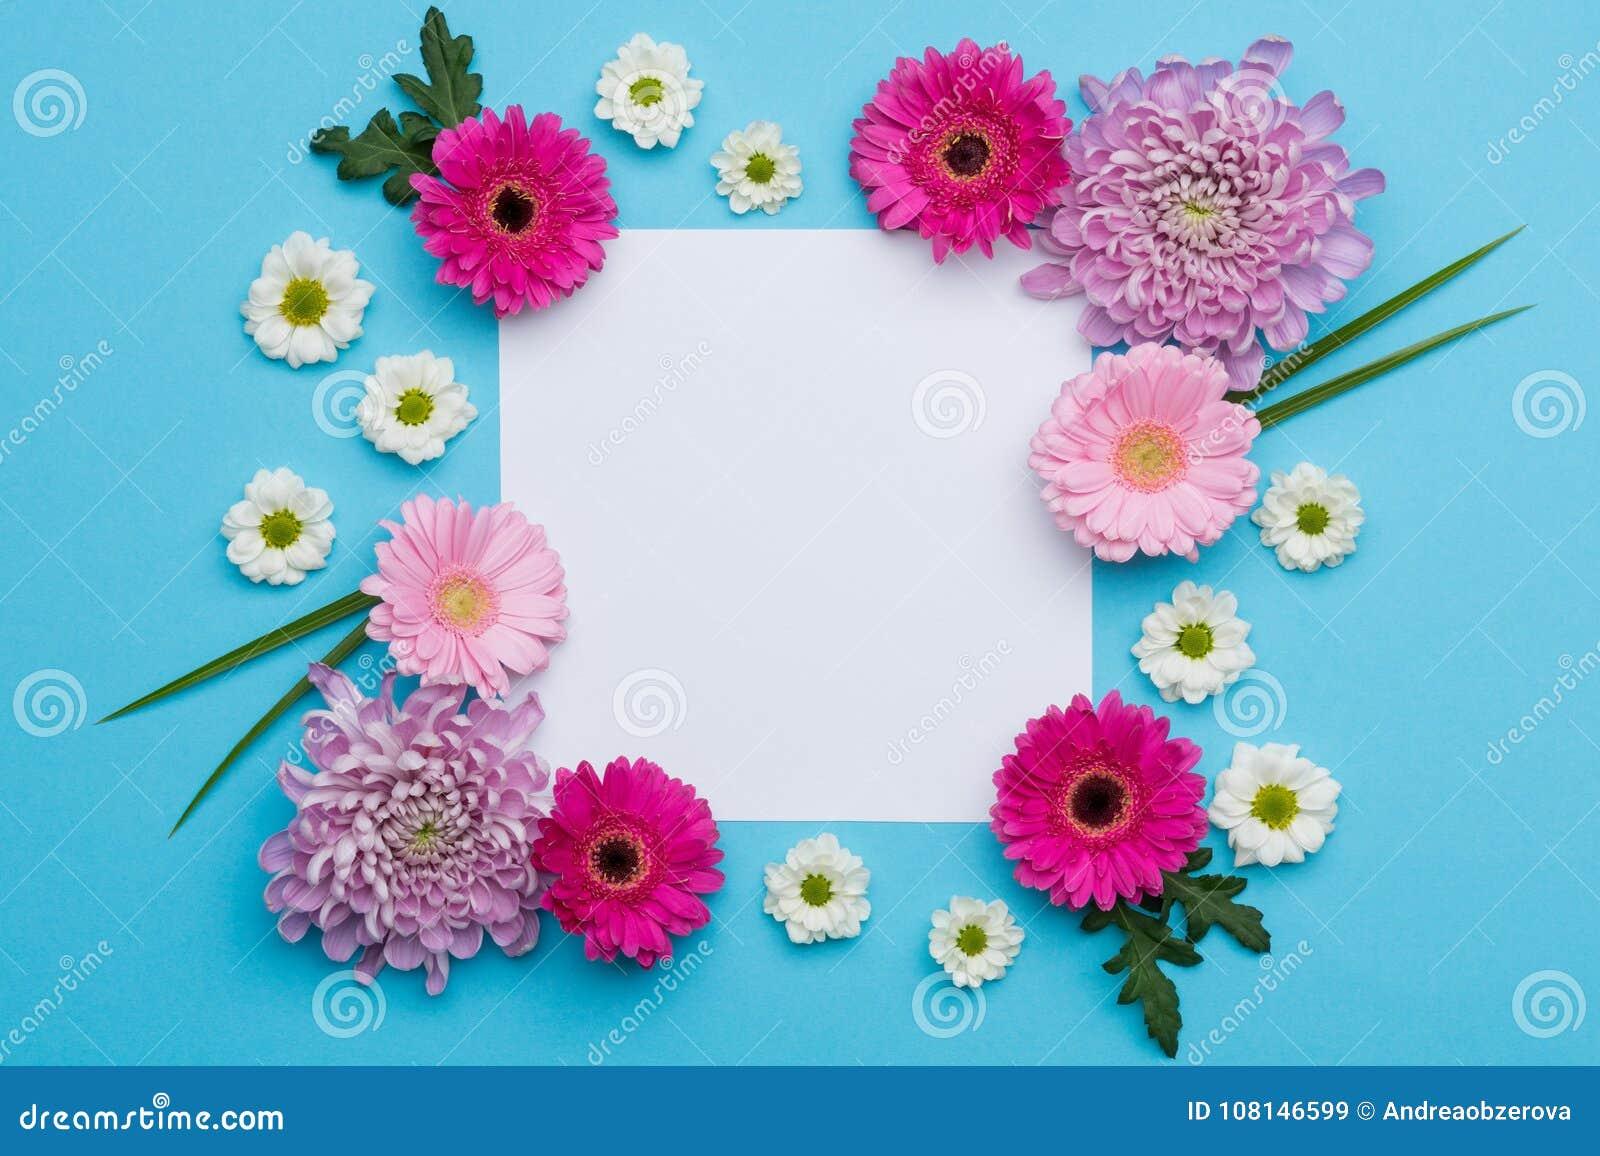 Η ευτυχής ημέρα μητέρων ` s, η ημέρα γυναικών ` s, η ημέρα βαλεντίνων ` s ή η καραμέλα κρητιδογραφιών γενεθλίων χρωματίζουν το υπ